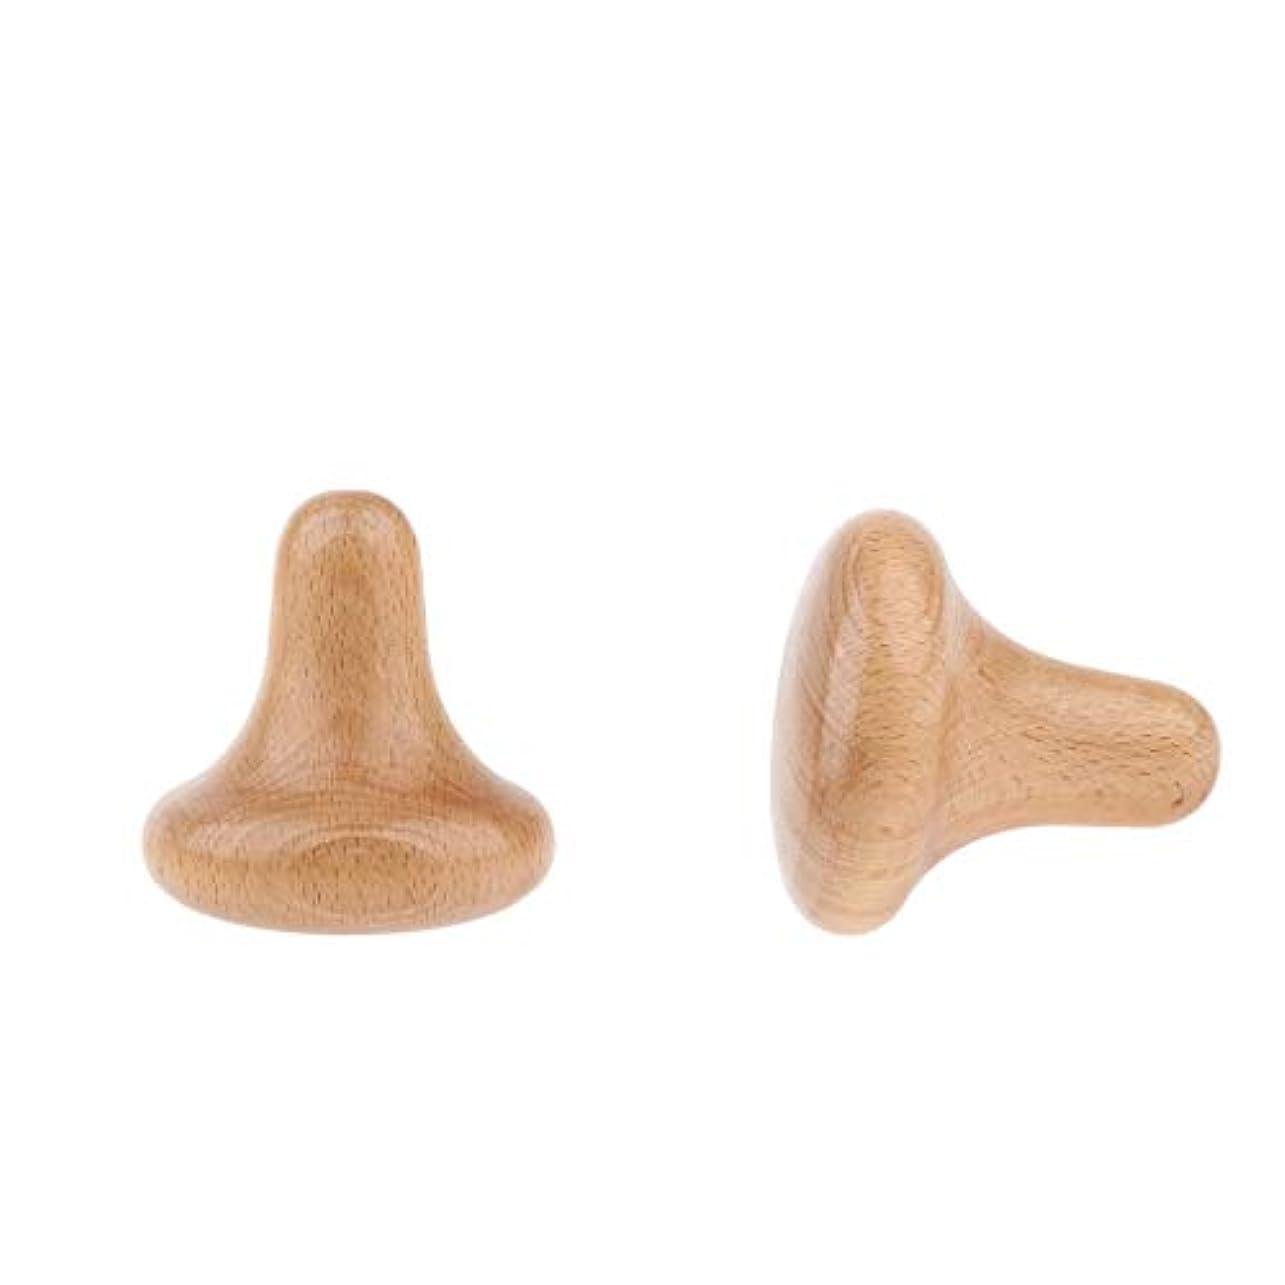 ロマンチックサワー大胆P Prettyia ボディマッサージ 木製 トリガーポイント 肩 首 手 足 指 痛み軽減 浮腫み解消 快適